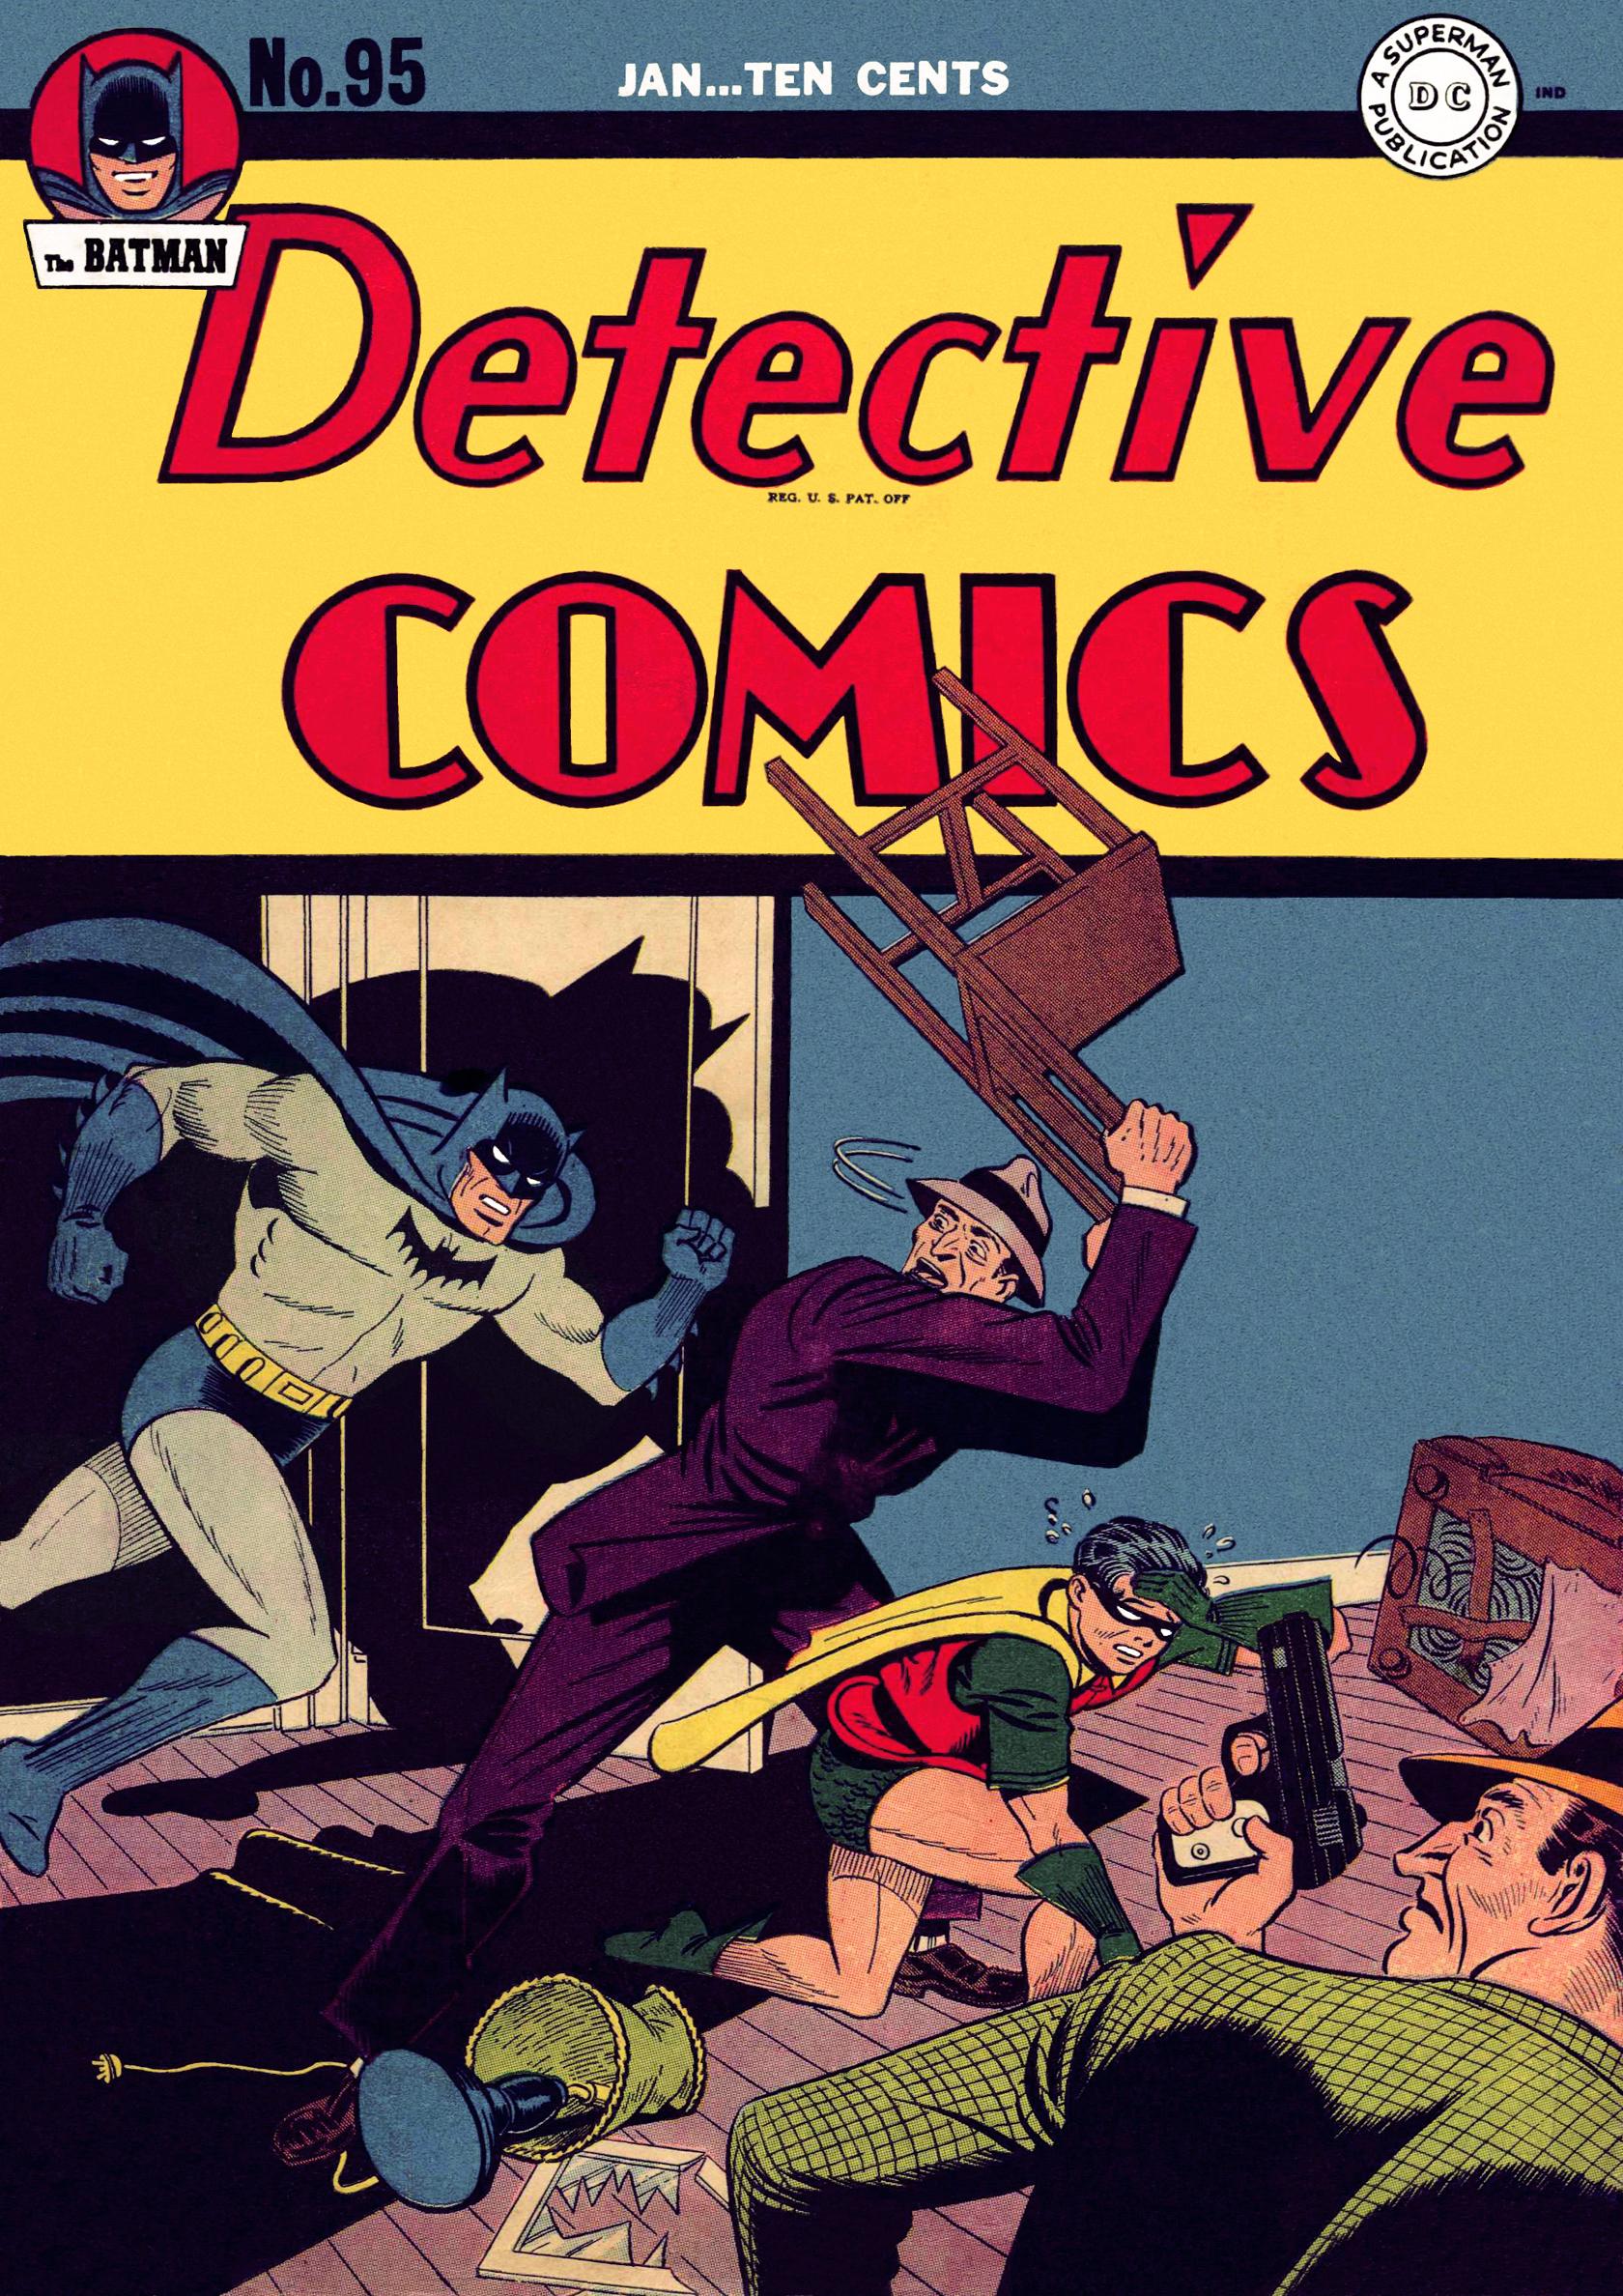 Detective Comics Vol 1 95